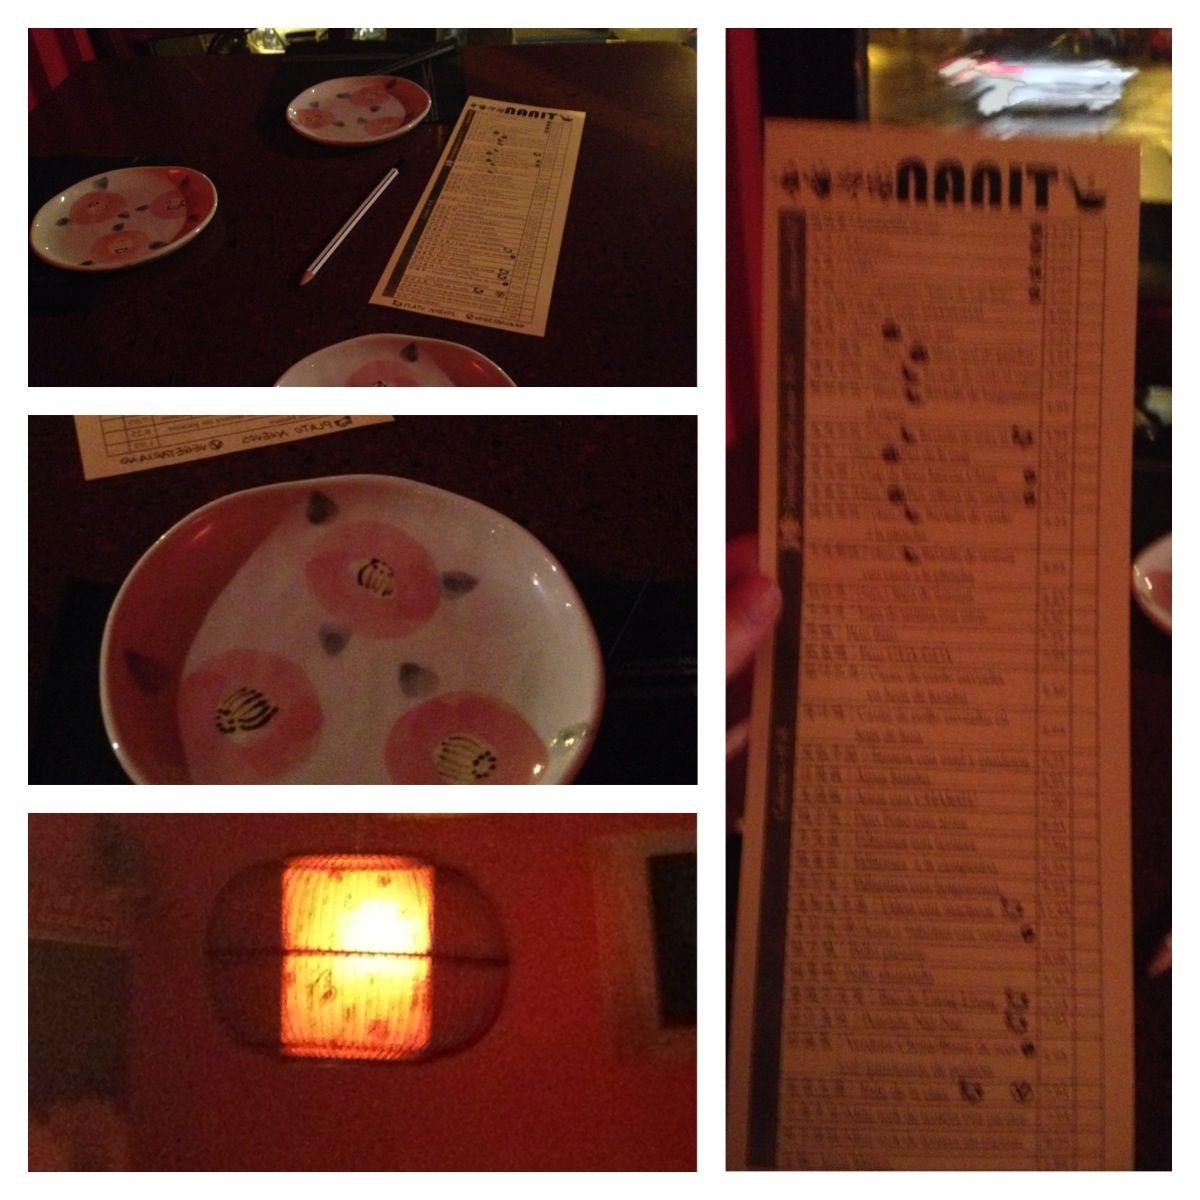 Nanit, un restaurante chino verdadero en Barcelona